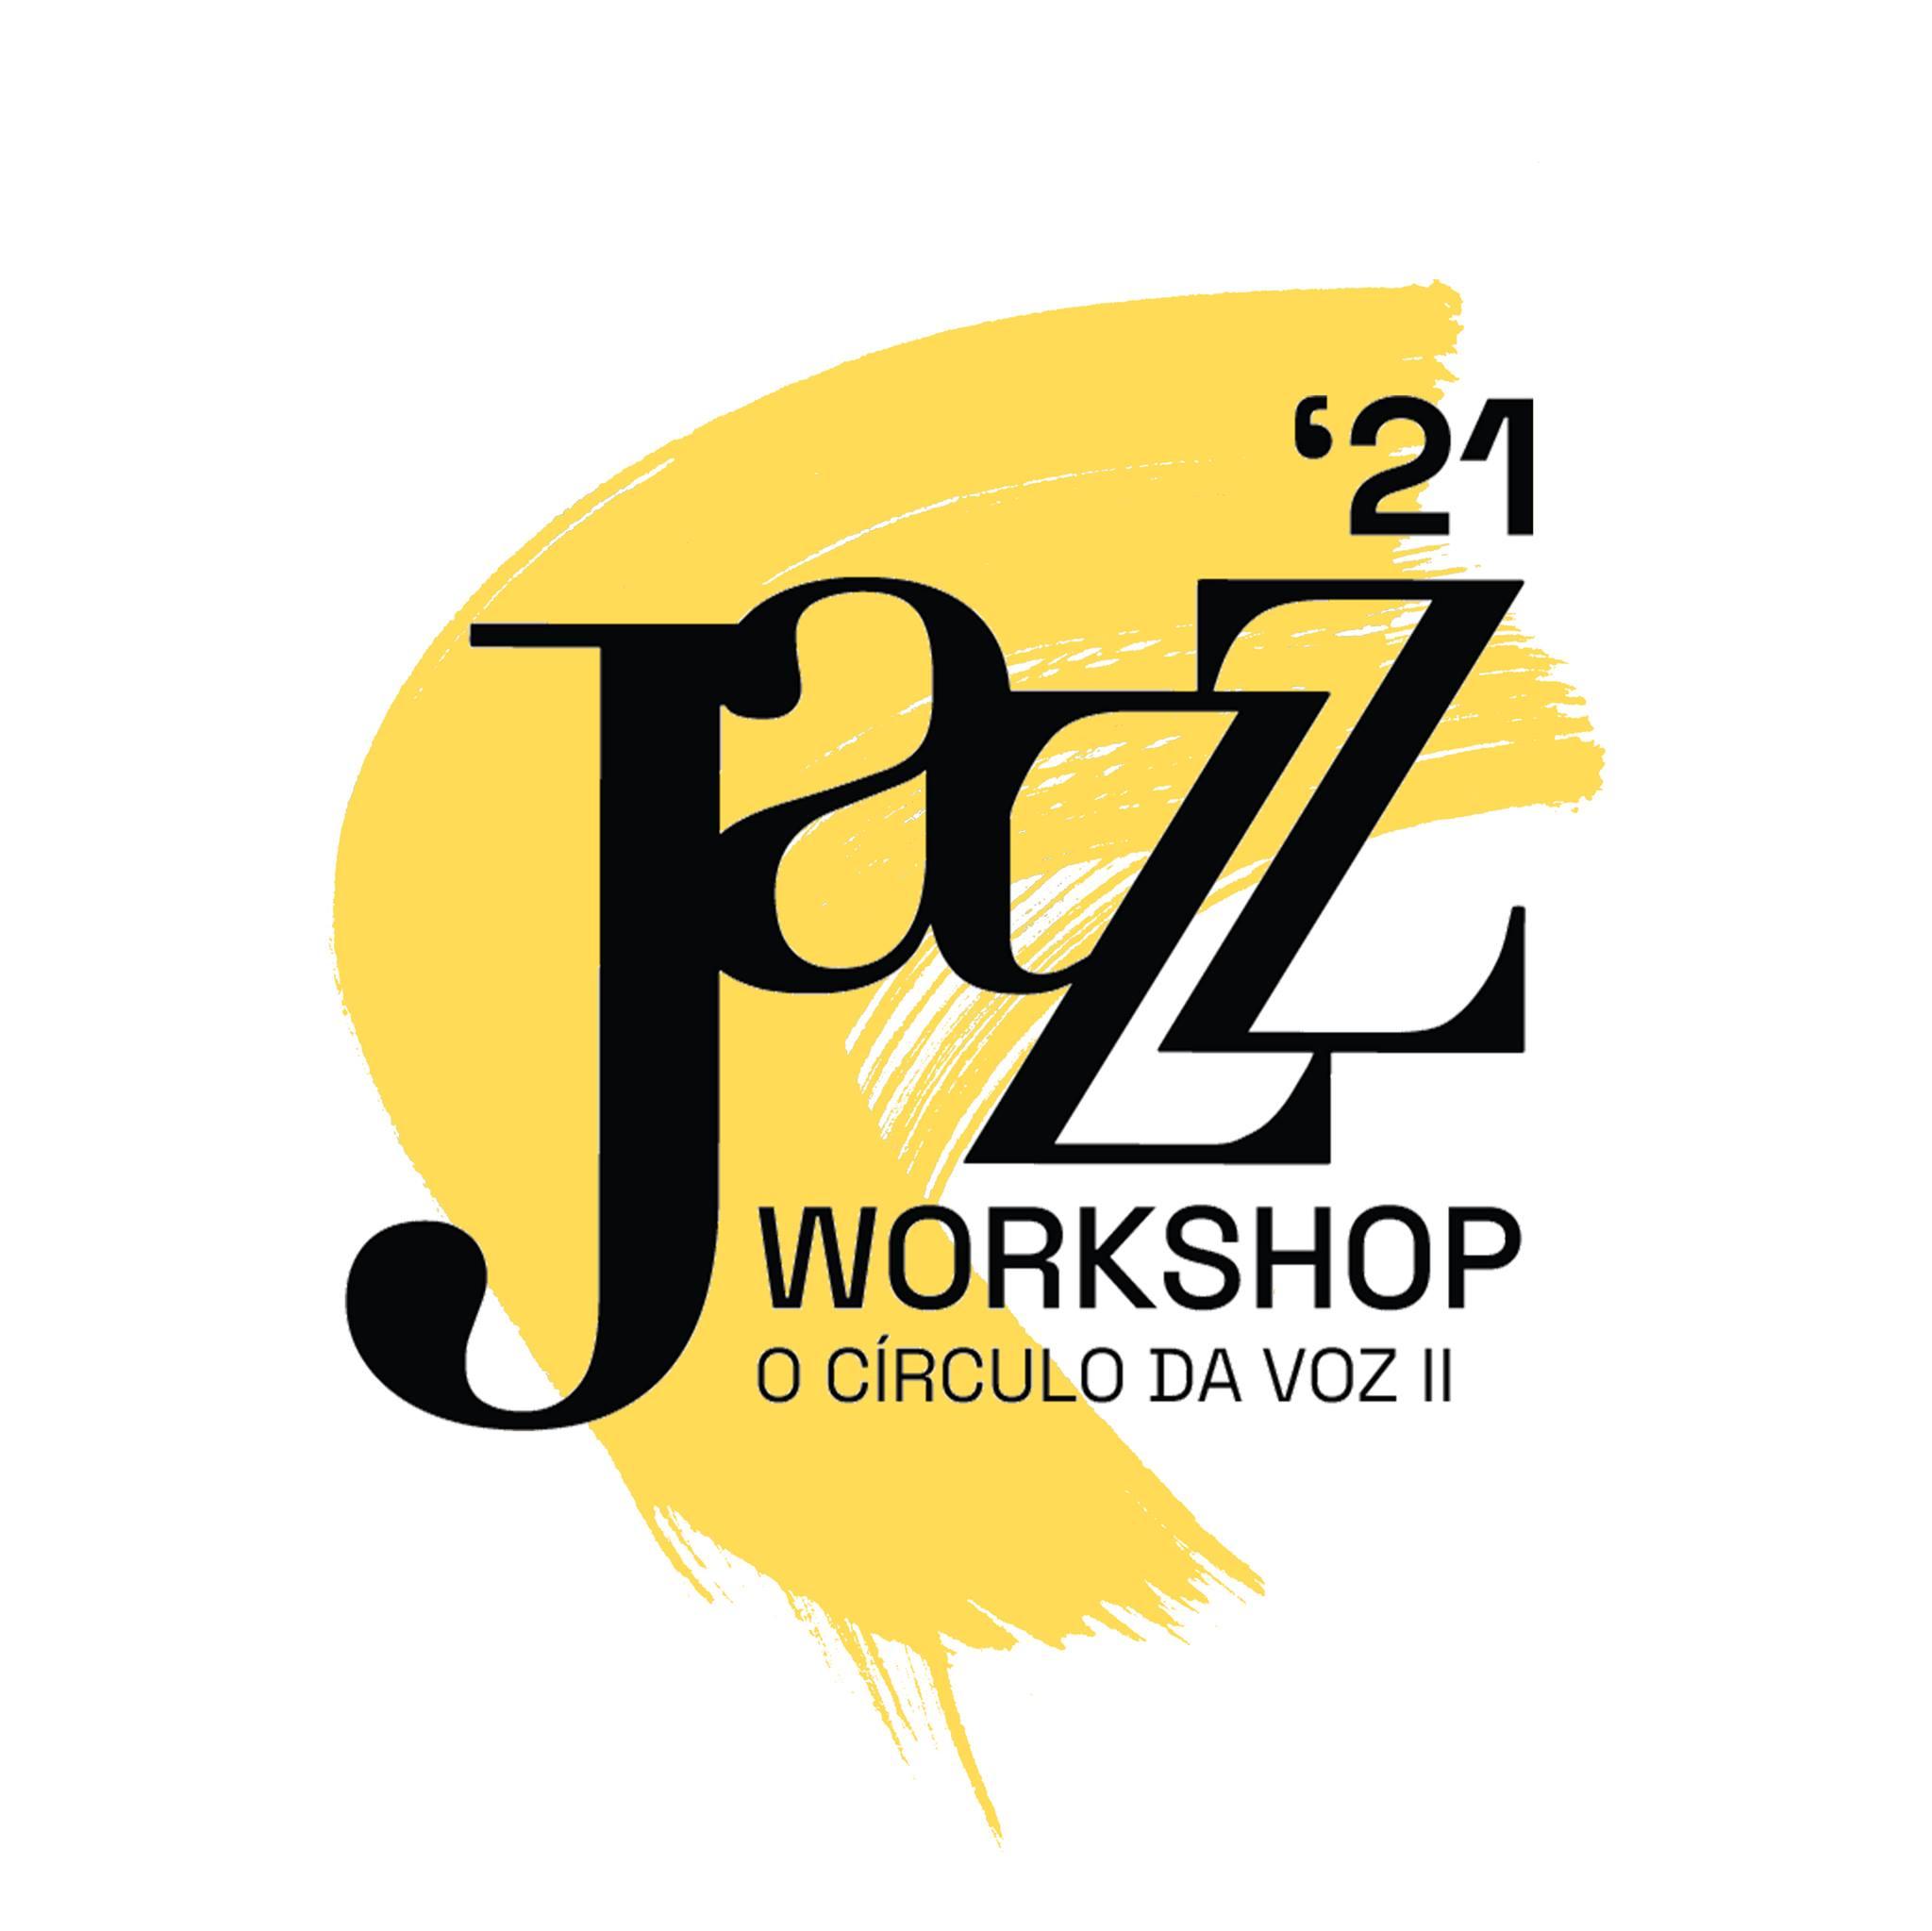 CnJ'21   Workshop 'O Círculo da Voz II' com Manuel Linhares